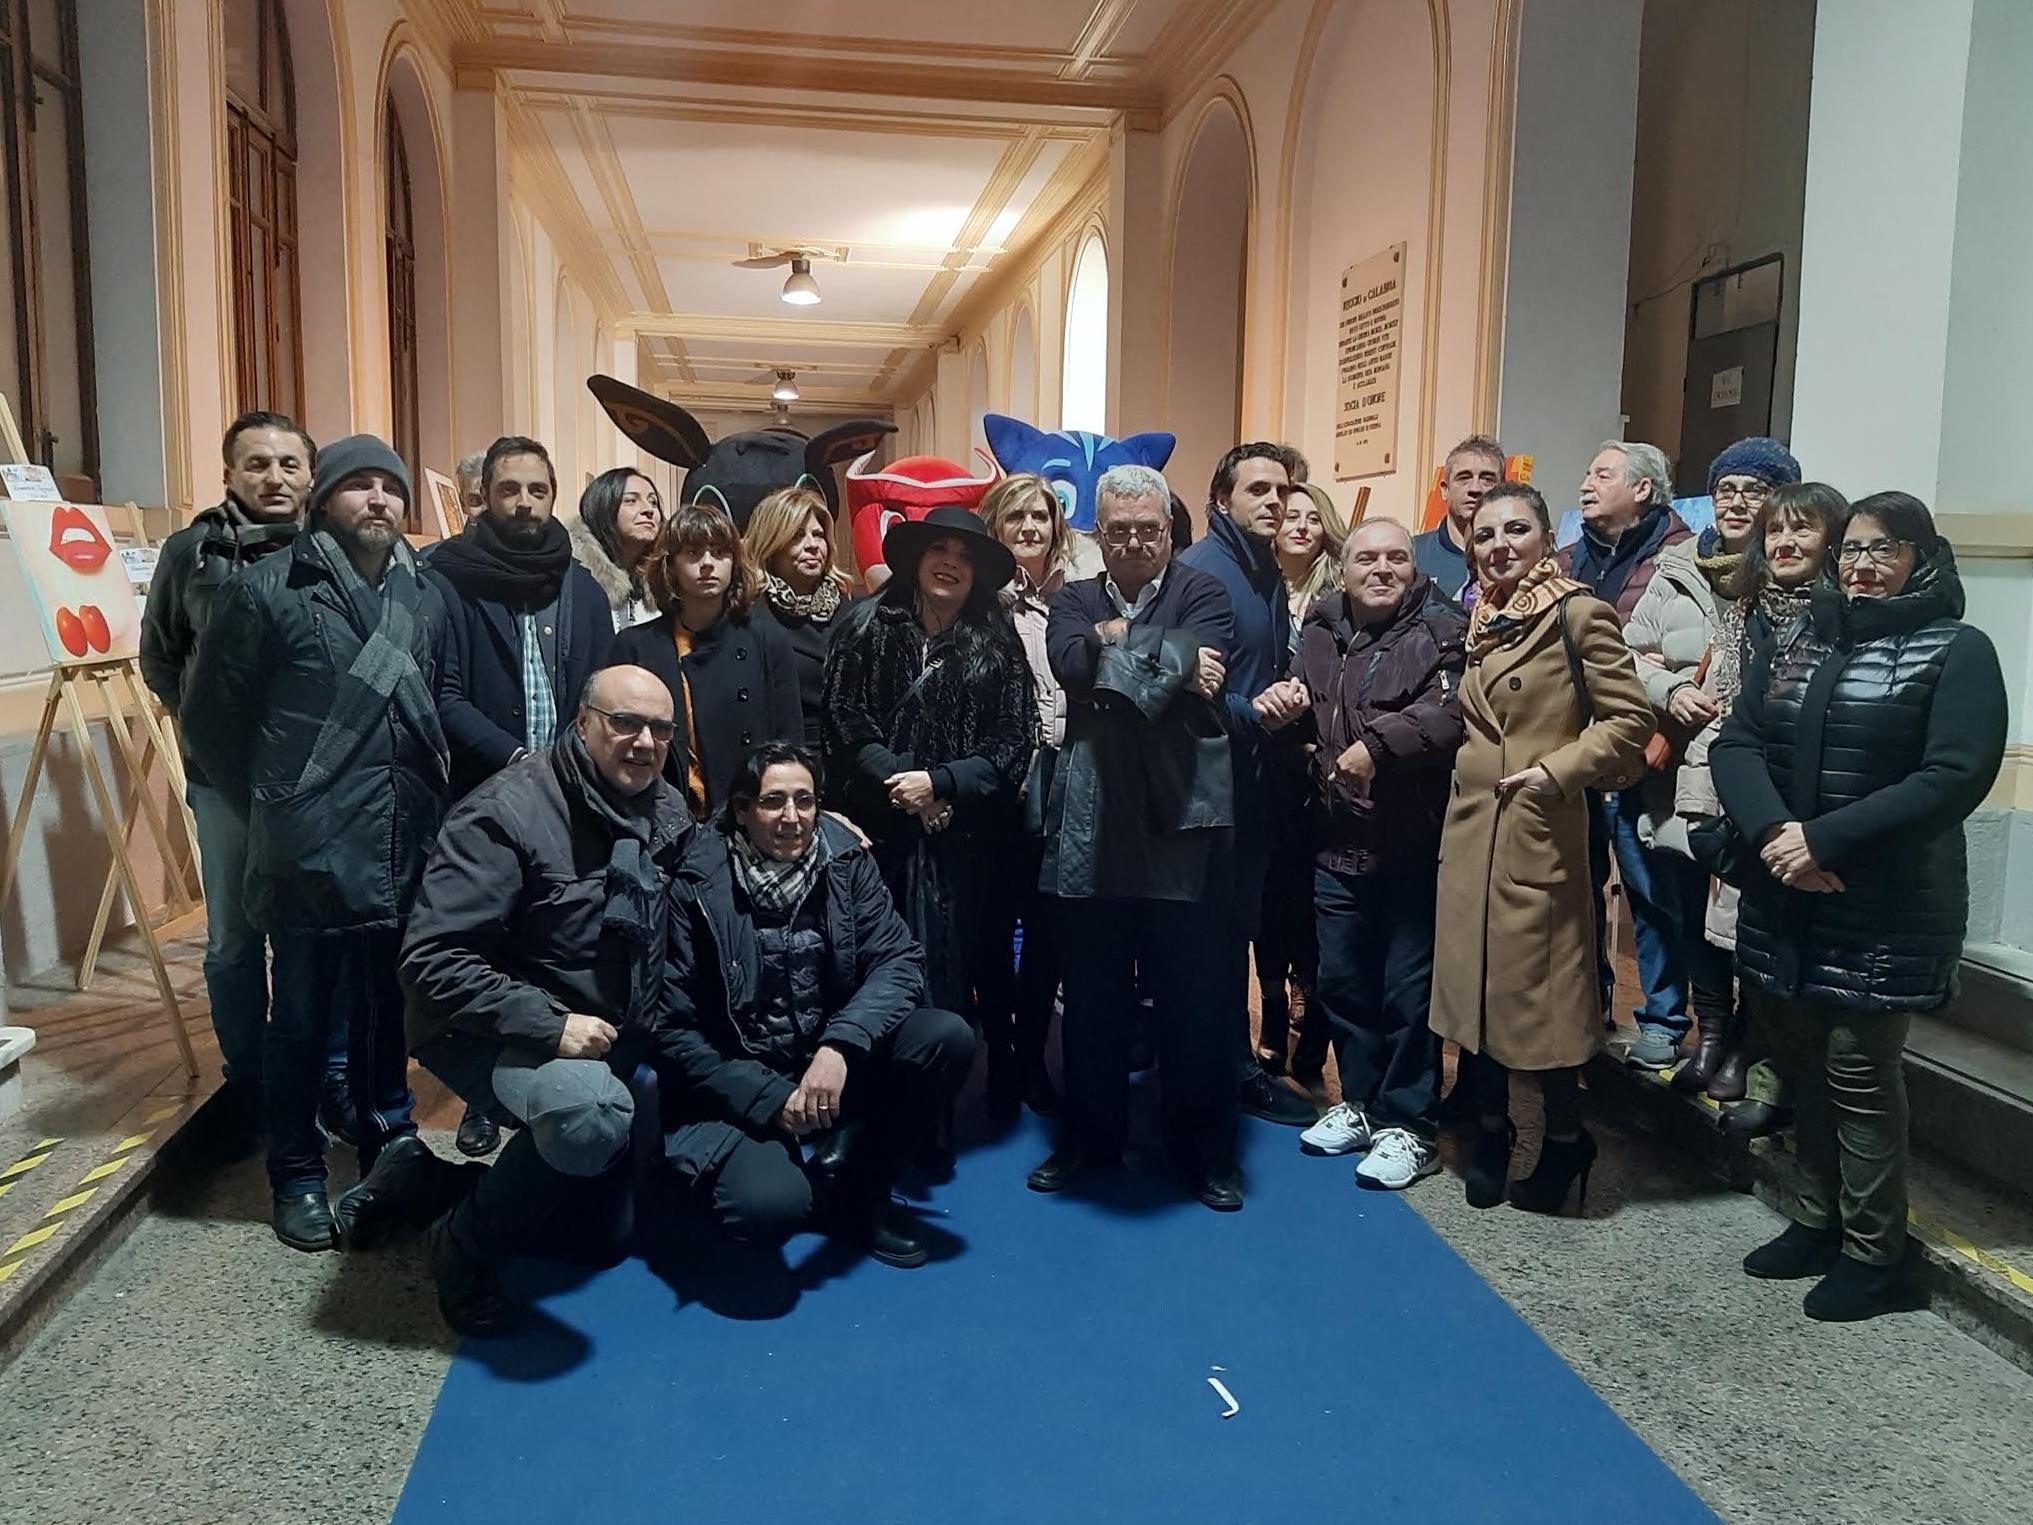 Un tuffo nell'arte, proclamati i vincitori della mostra collettiva